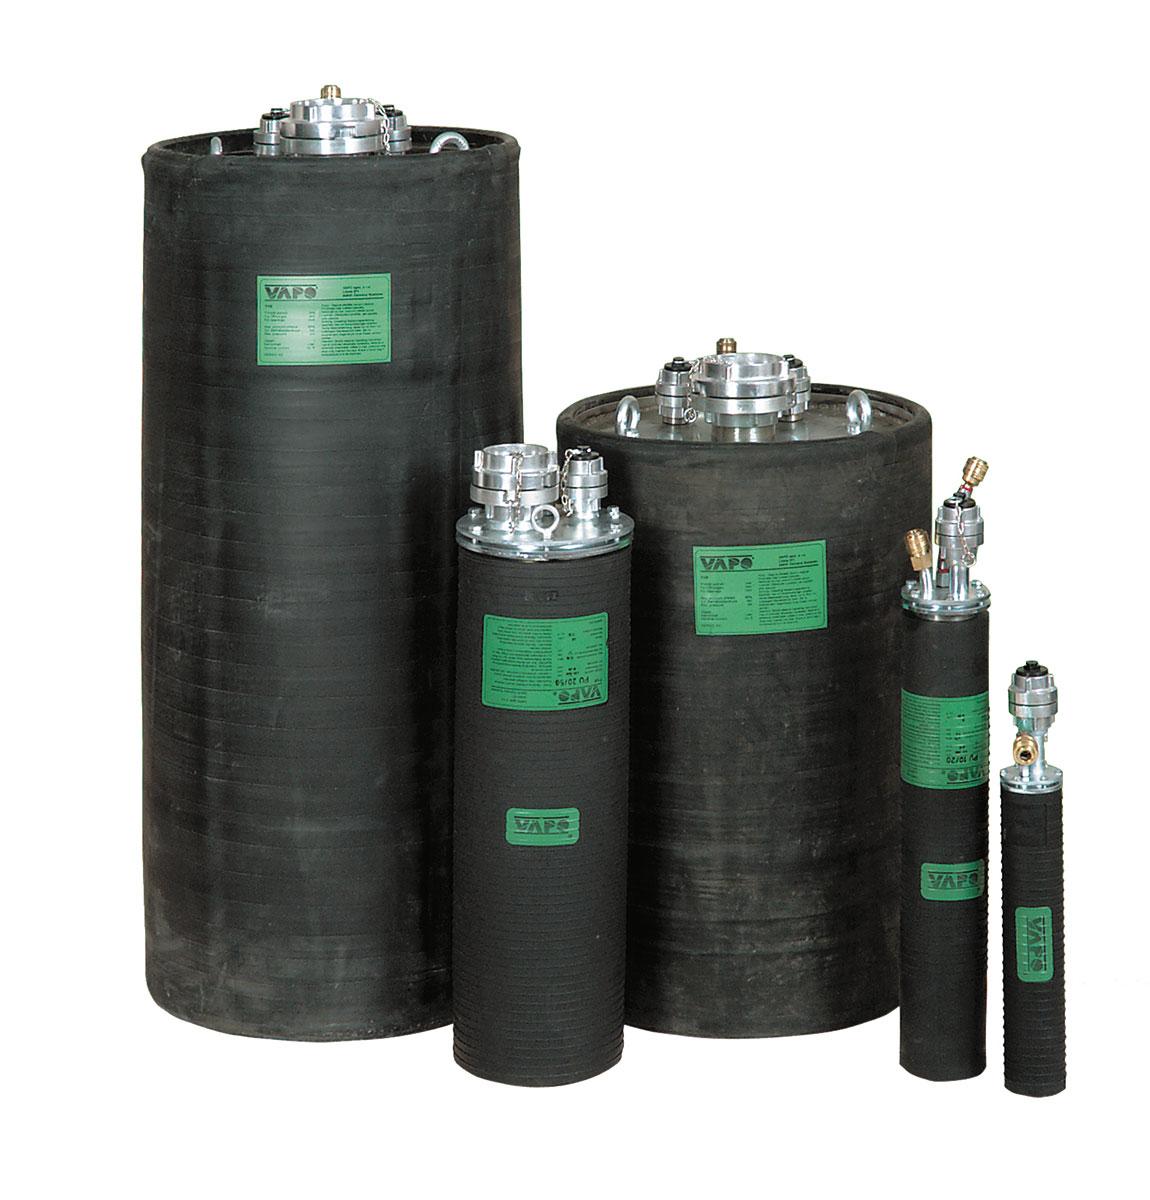 Standard-Prüf-Rohrdichtkissen PU für Rohrdurchmesser 70 - 1200 mm